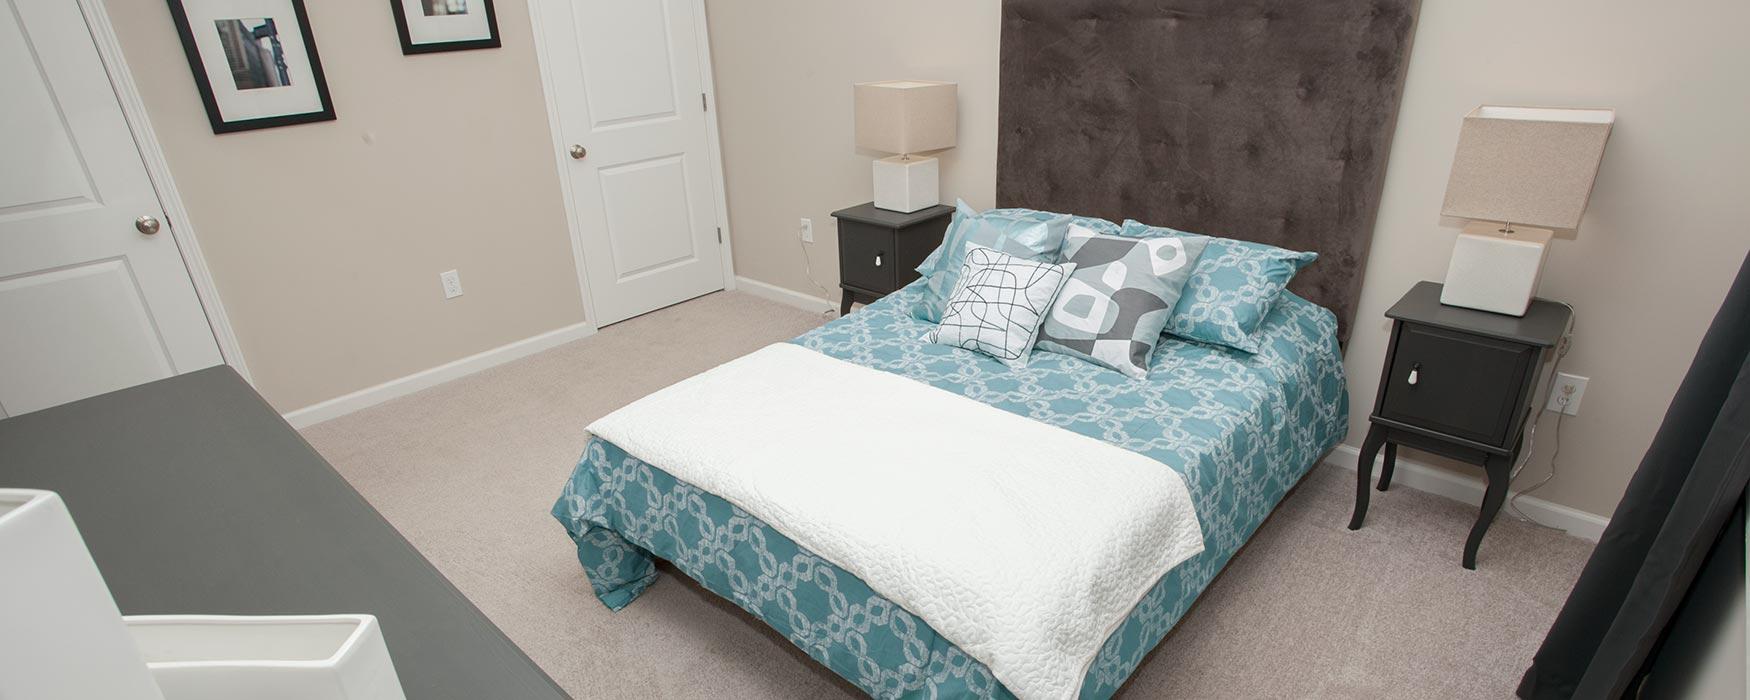 Lifestyle Communities | Bentley Flat Bedroom